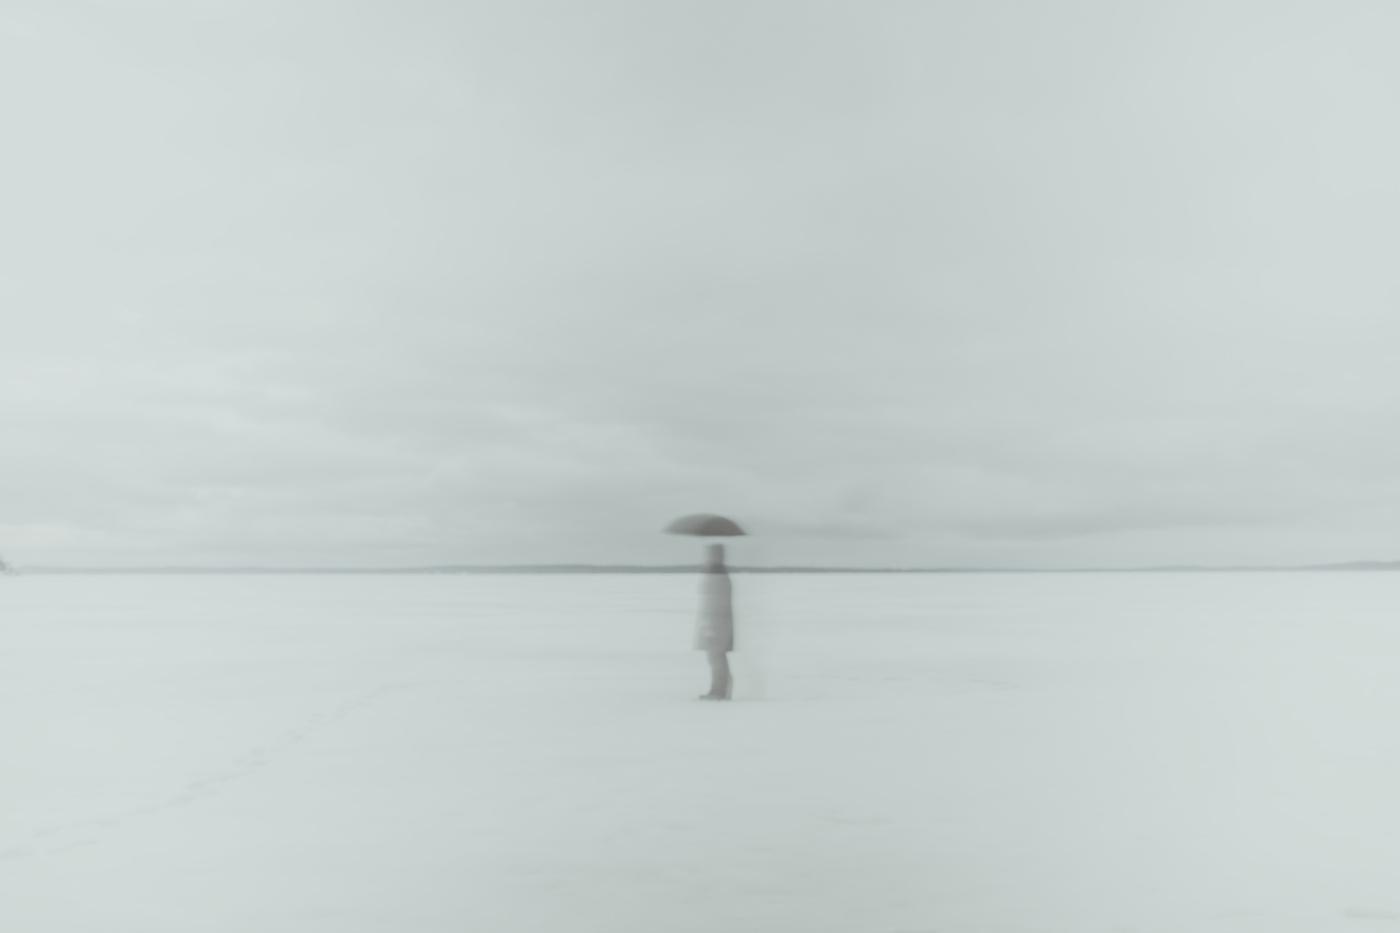 Osku Leinonen Photography